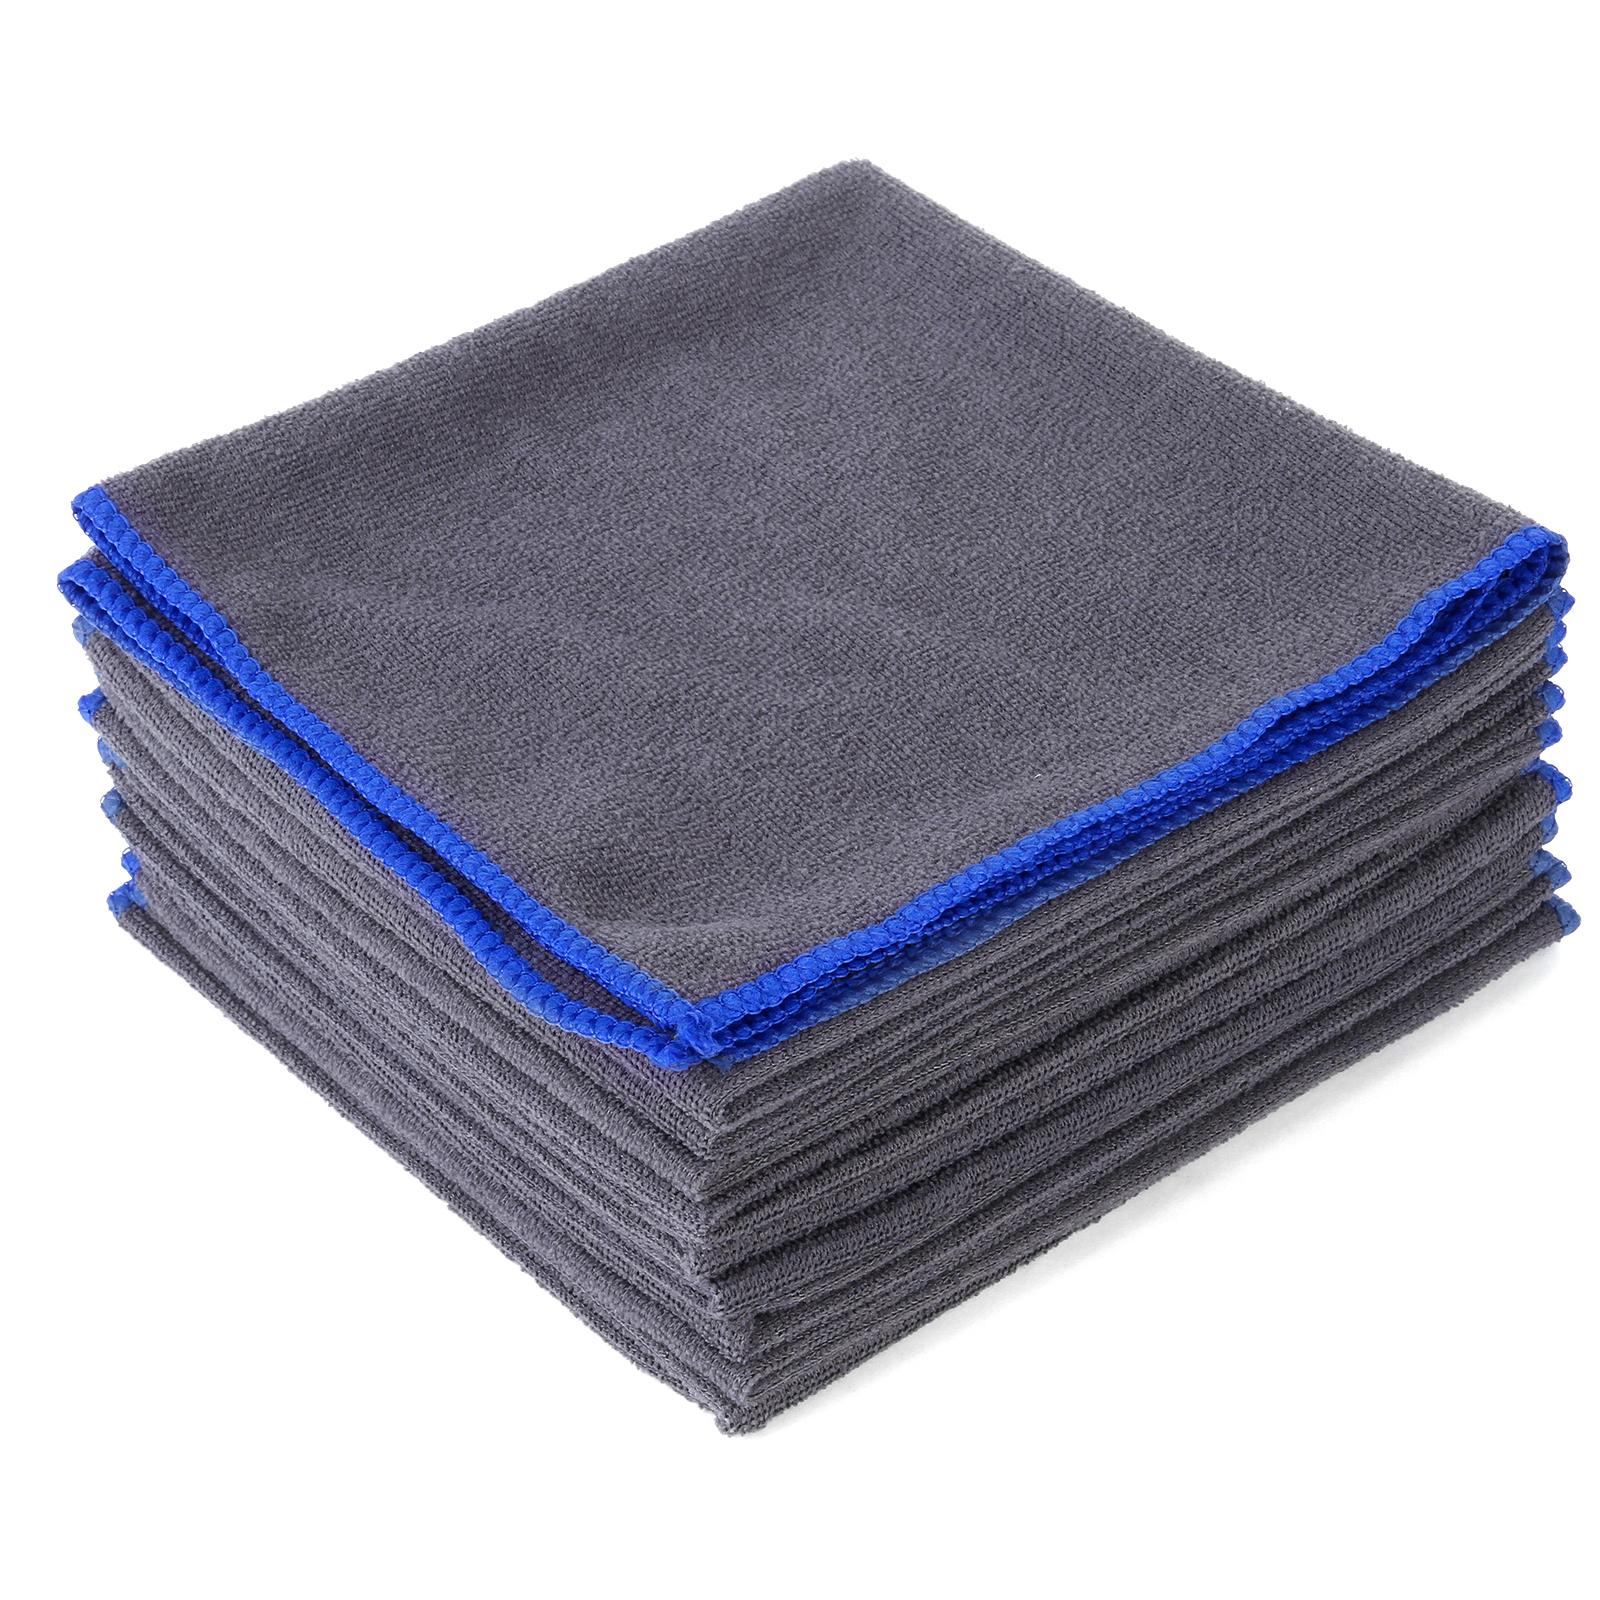 10x serviettes microfibre nettoyage voiture maison. Black Bedroom Furniture Sets. Home Design Ideas